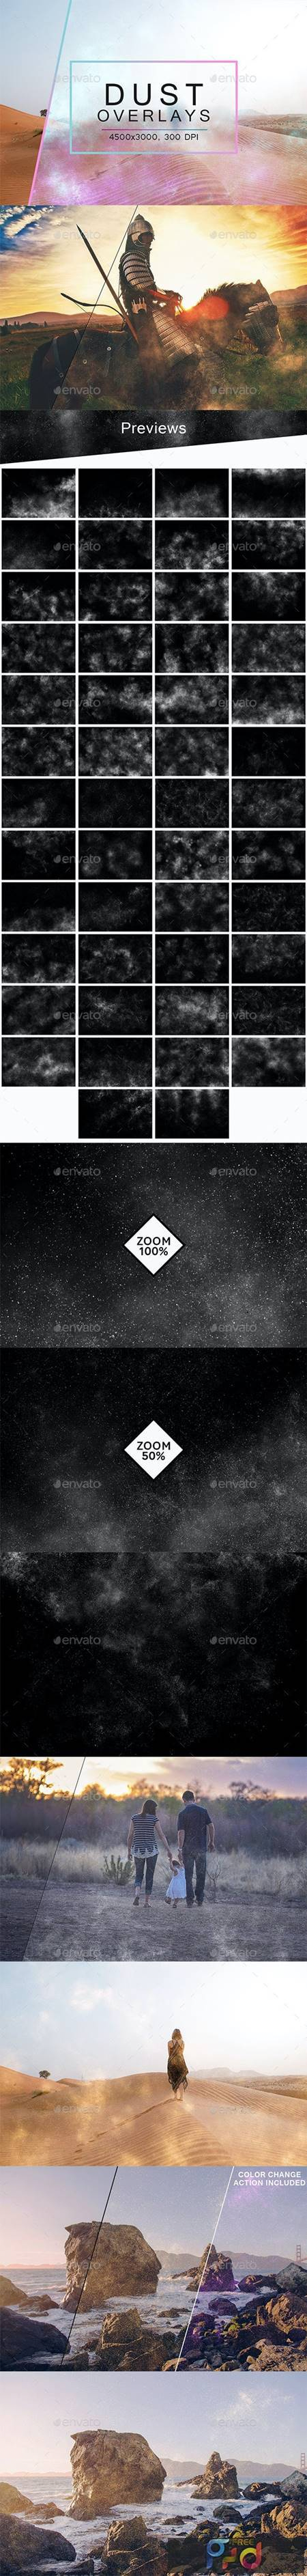 50 Dust Overlays 27432248 1